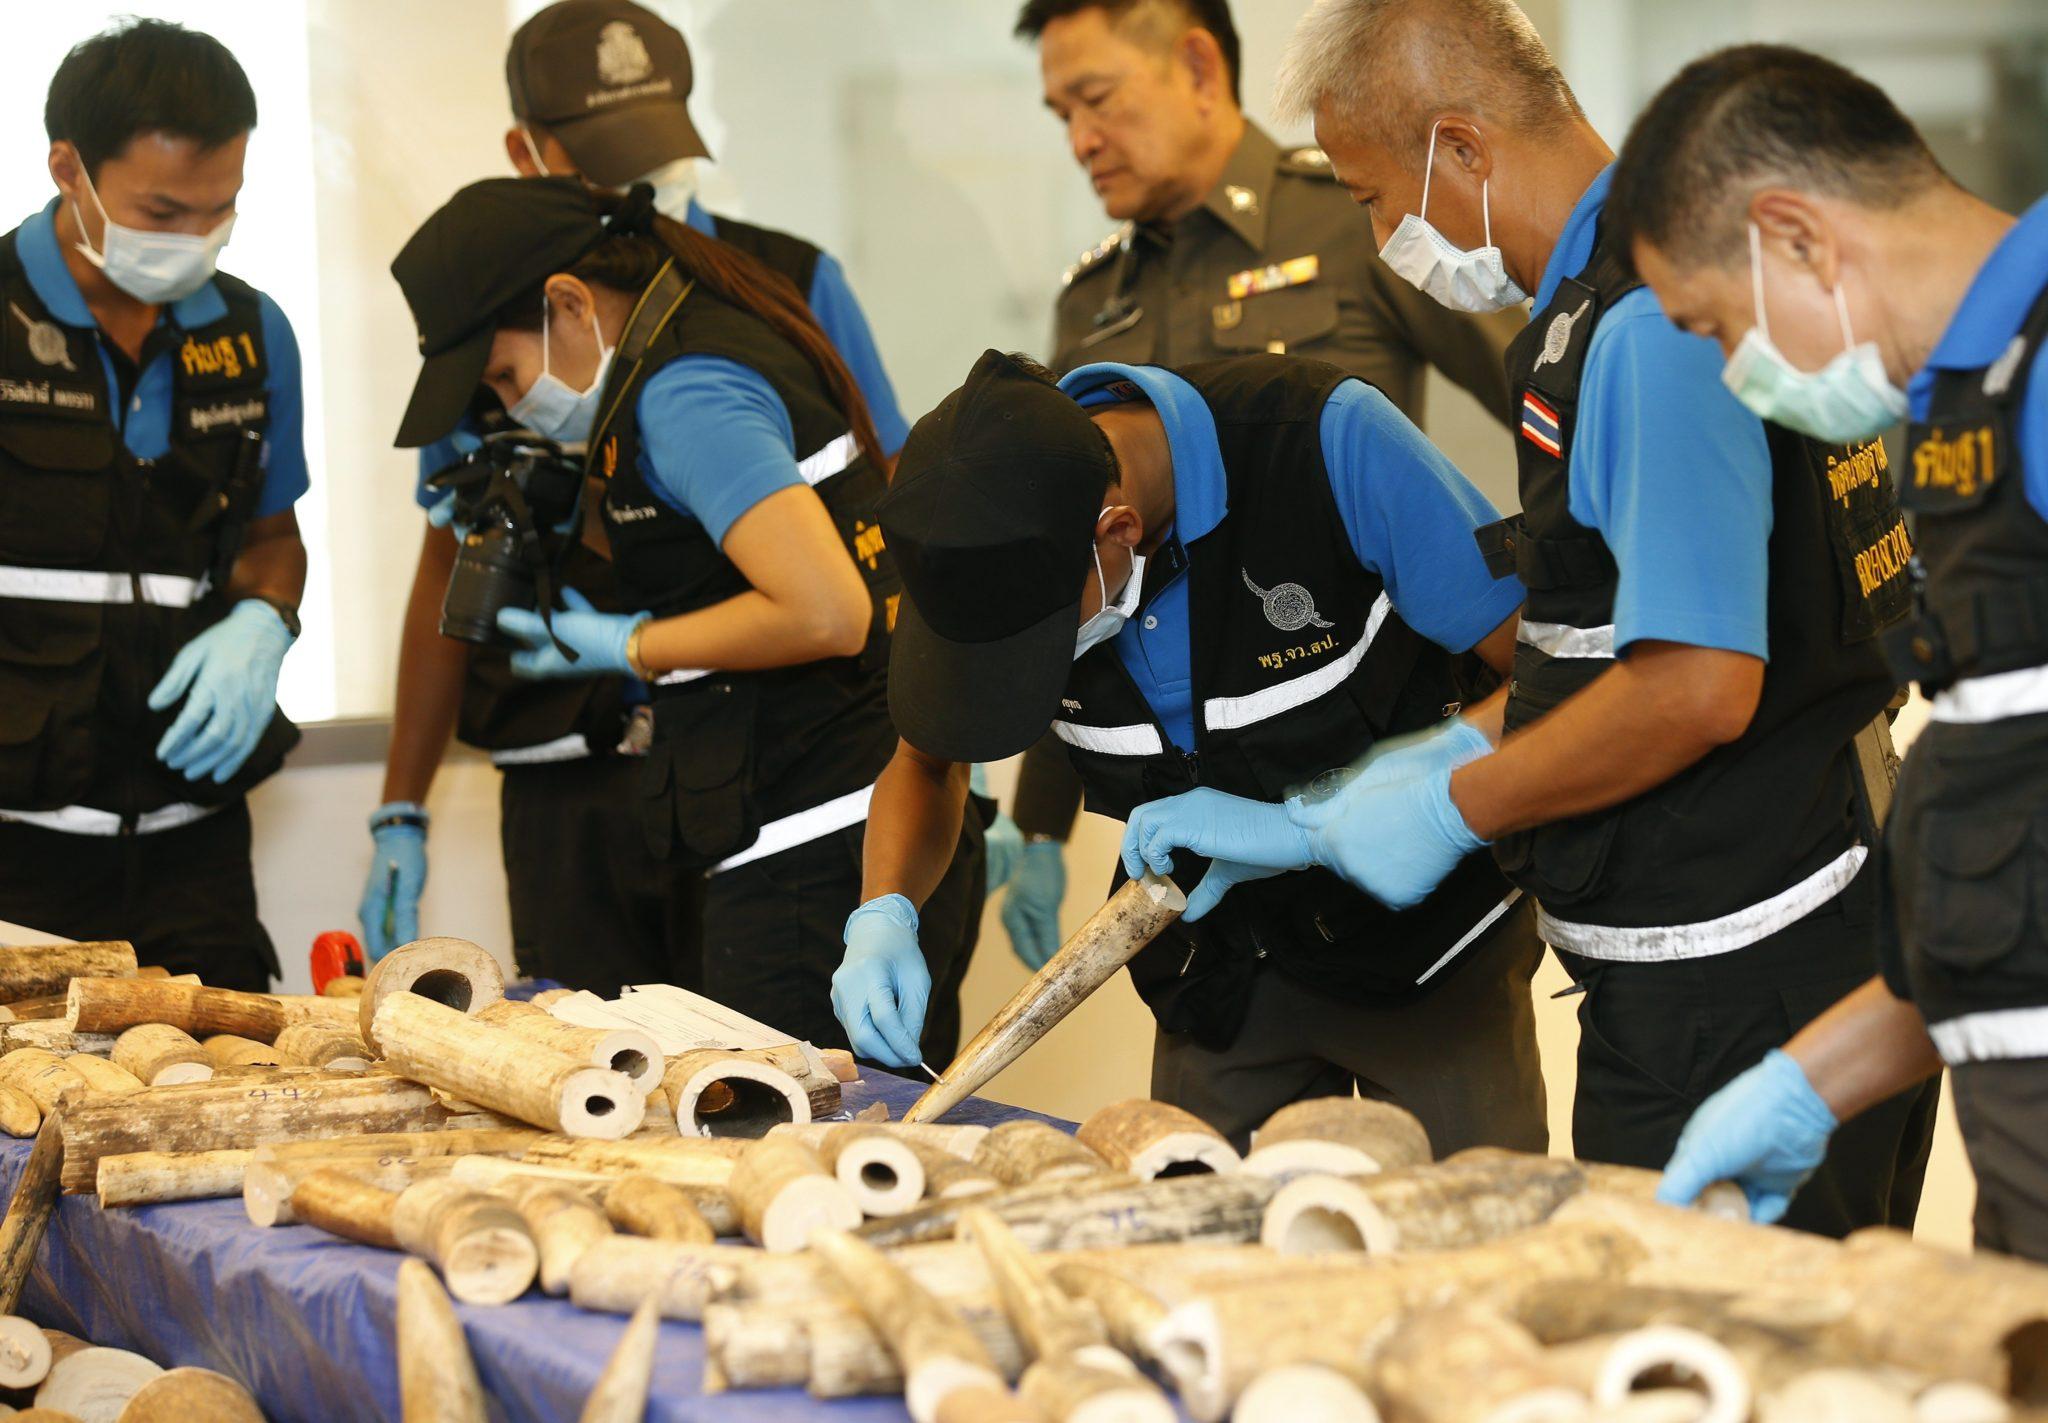 Tajlandia: tajska straż graniczna udaremniła przemy kości słoniowej na lotnisku w Bangkoku (foto. PAP/EPA/NARONG SANGNAK )